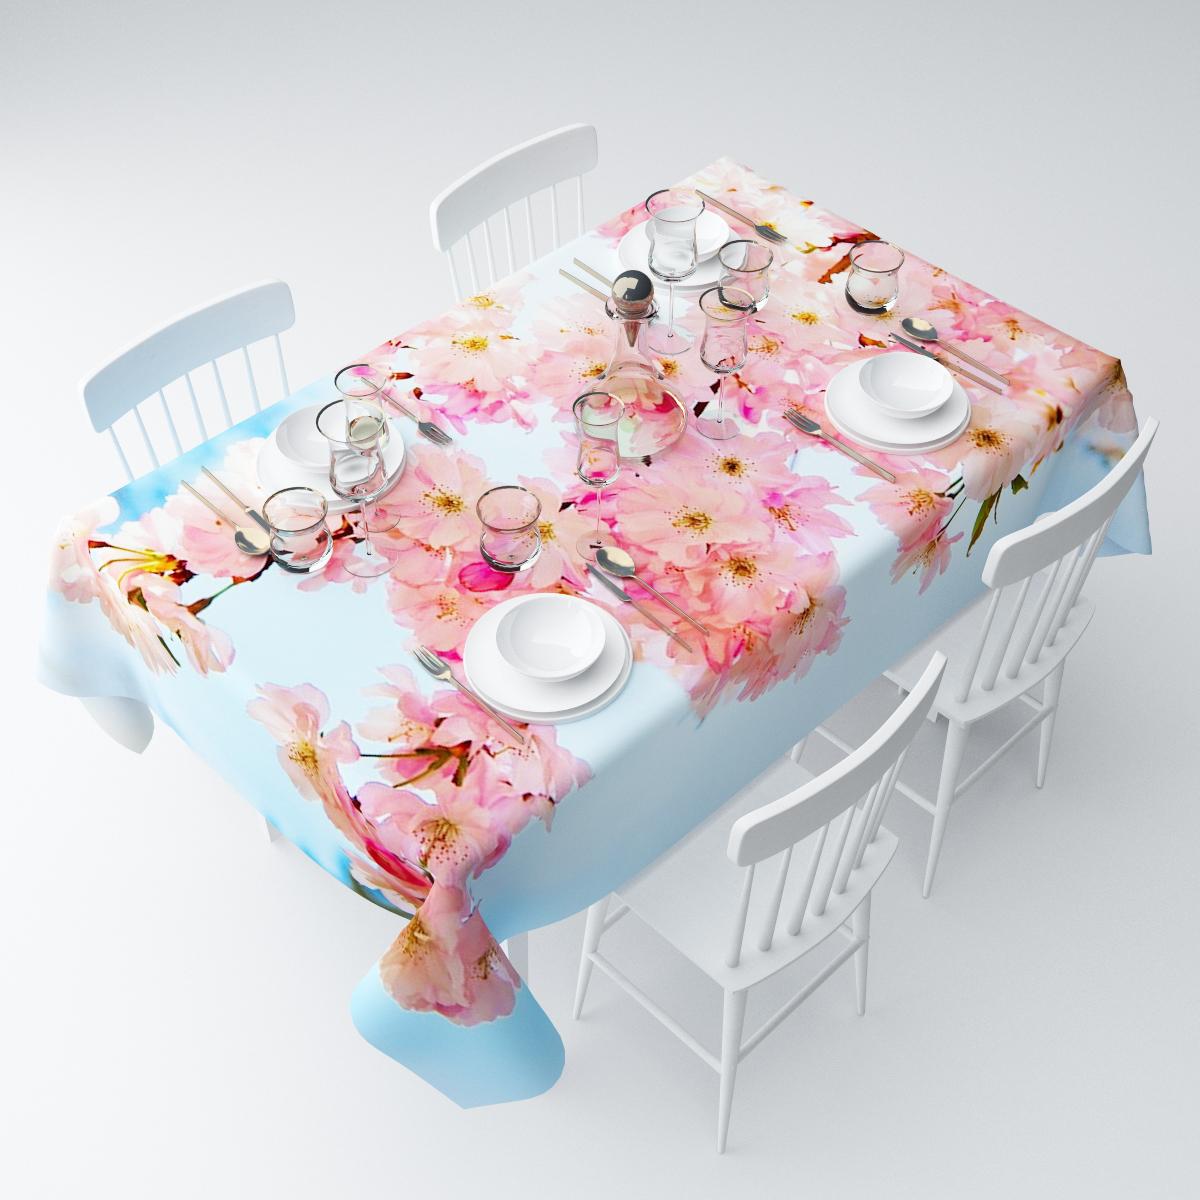 Скатерть Сирень Весна в цвету, прямоугольная, 145 х 120 смСКГБ003-08339Прямоугольная скатерть Сирень Весна в цвету, выполненная из габардина с ярким рисунком, преобразит вашу кухню, визуально расширит пространство, создаст атмосферу радости и комфорта. Рекомендации по уходу: стирка при 30 градусах, гладить при температуре до 110 градусов.Размер скатерти: 145 х 120 см. Изображение может немного отличаться от реального.